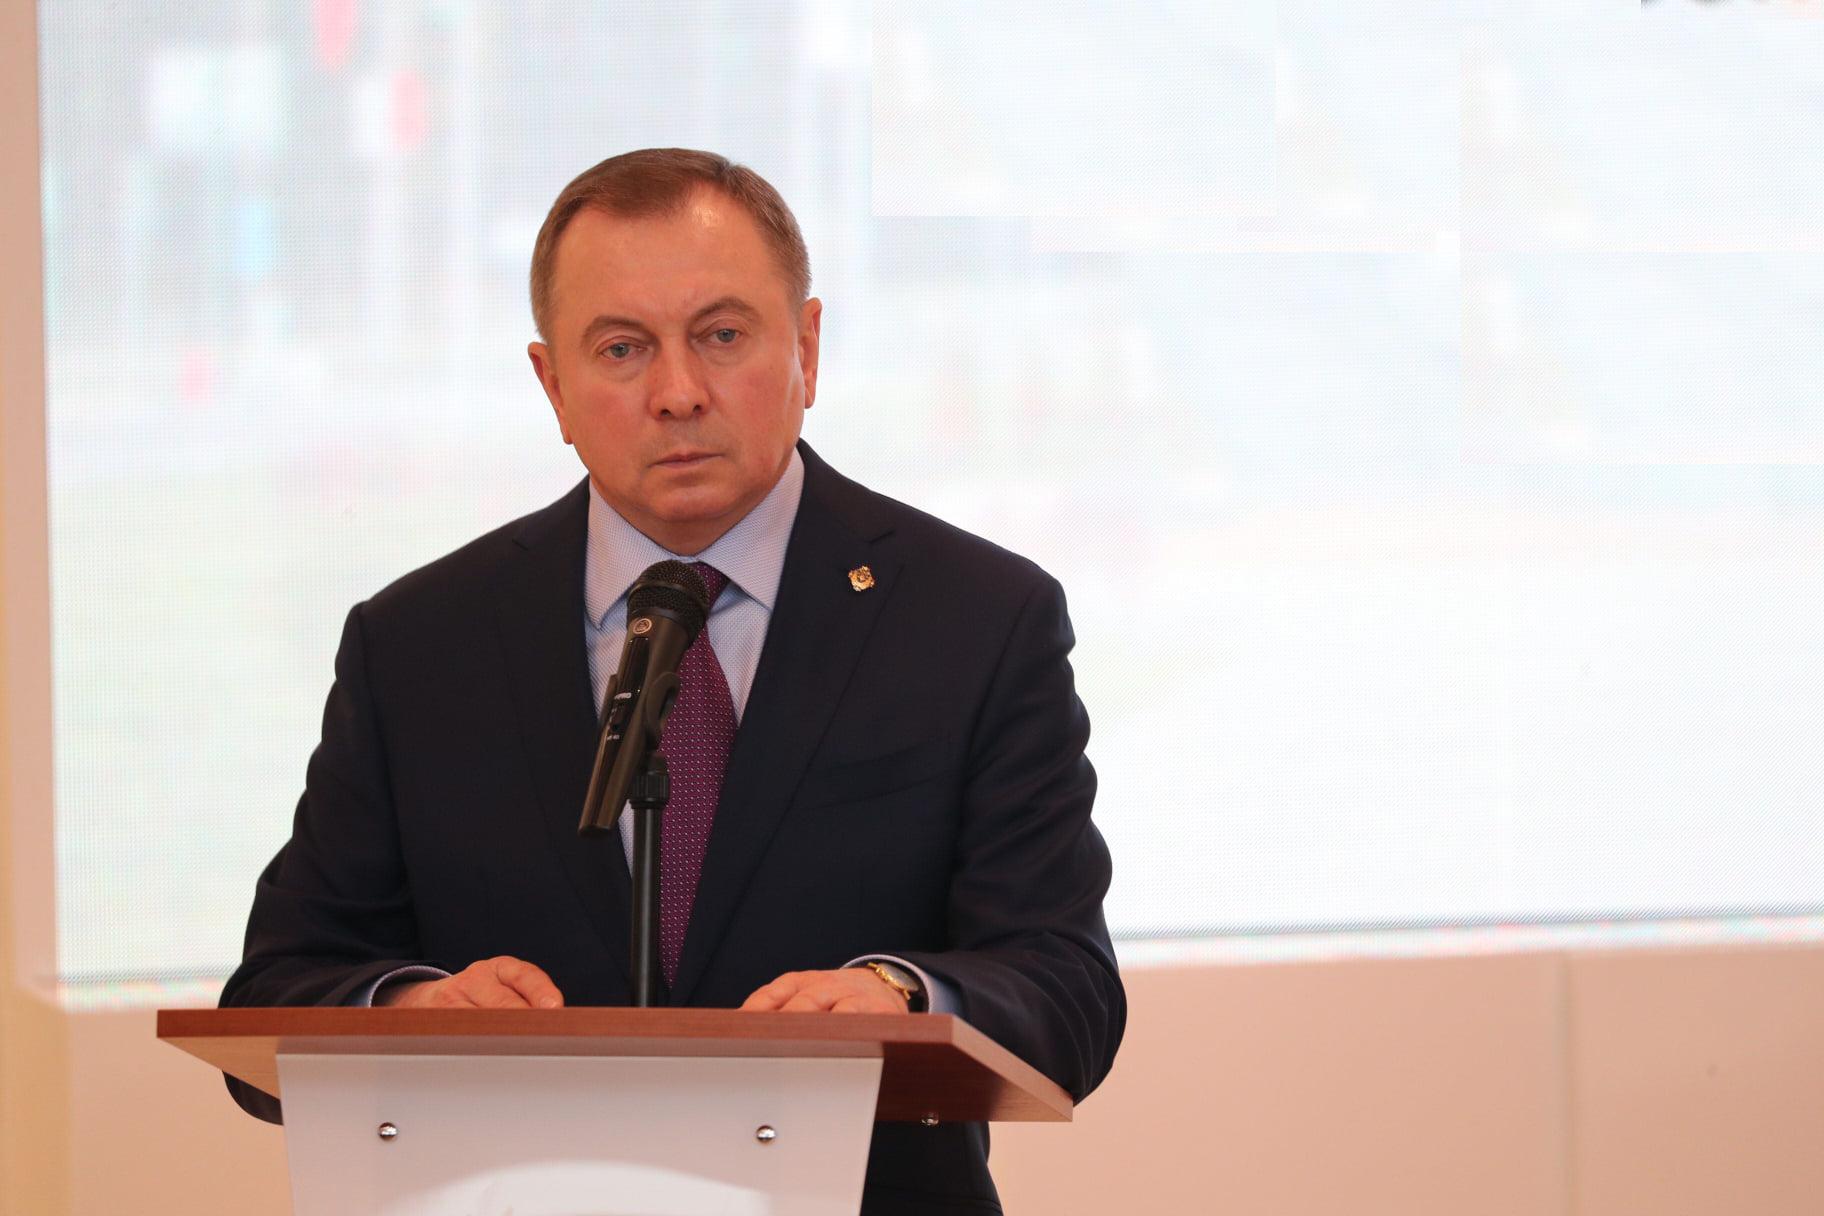 Szef MSZ Białorusi odpowiada na decyzję o sankcjach UE